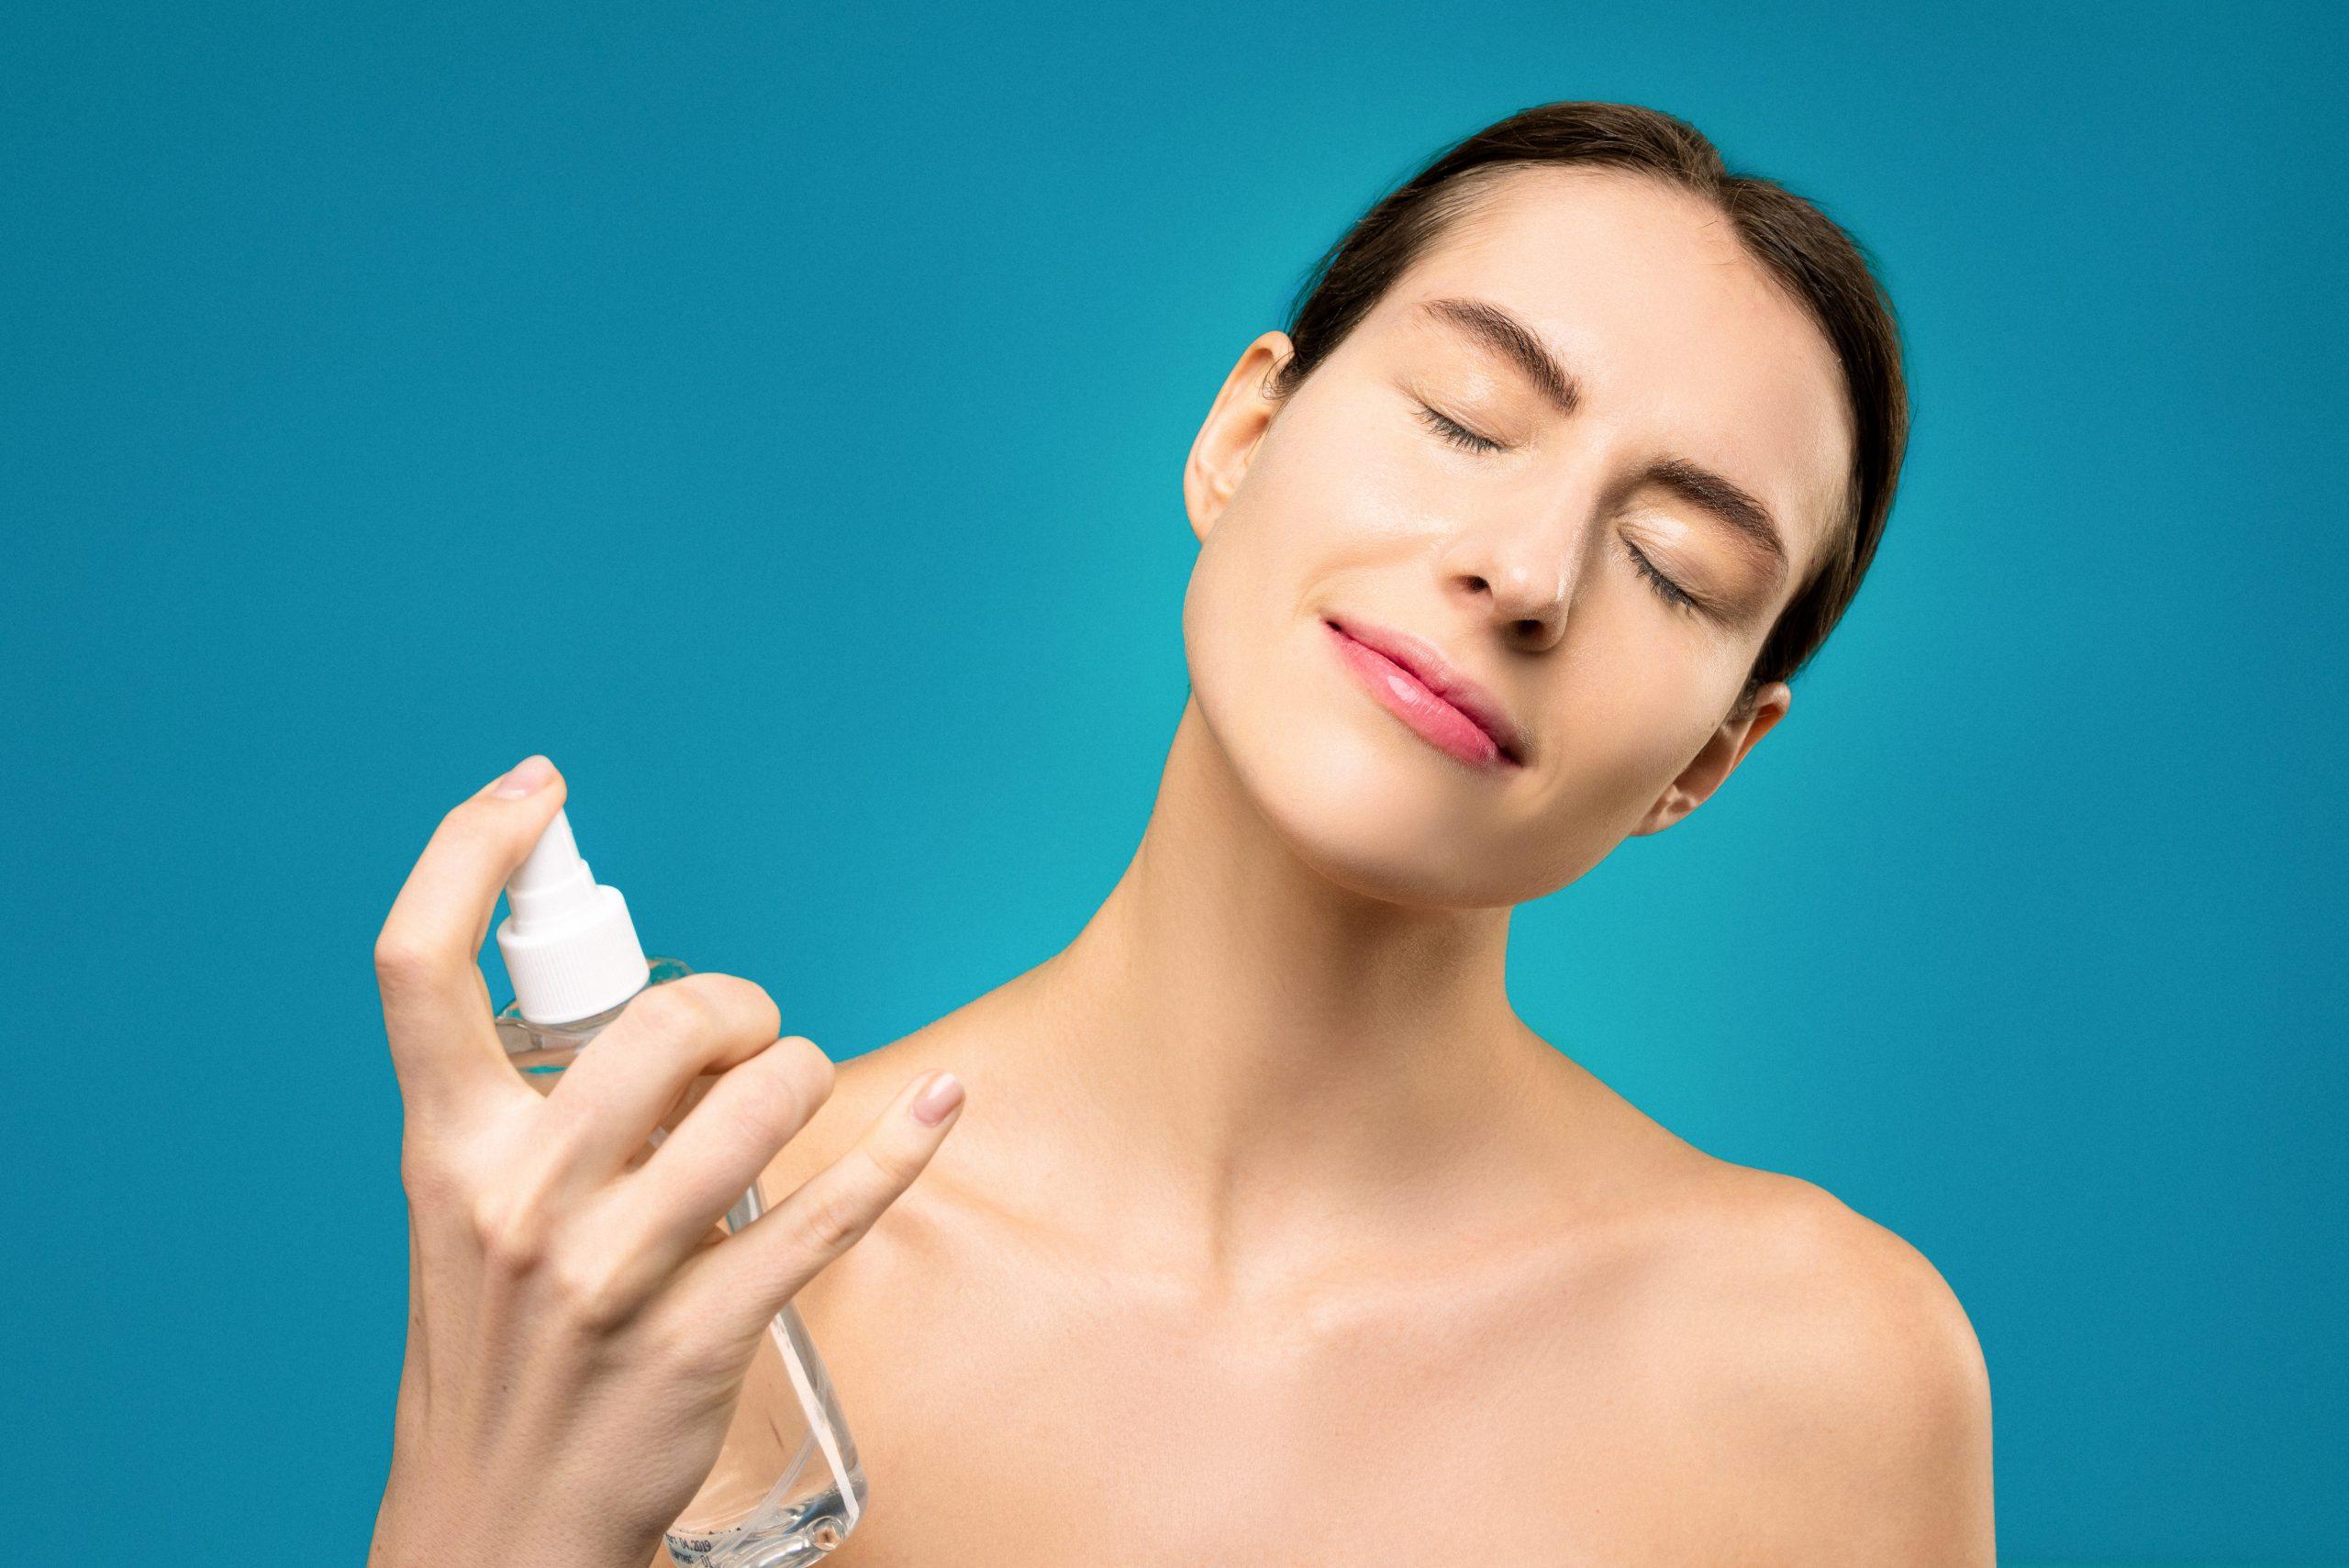 Imagem de uma mulher aplicando um cosmético no rosto.